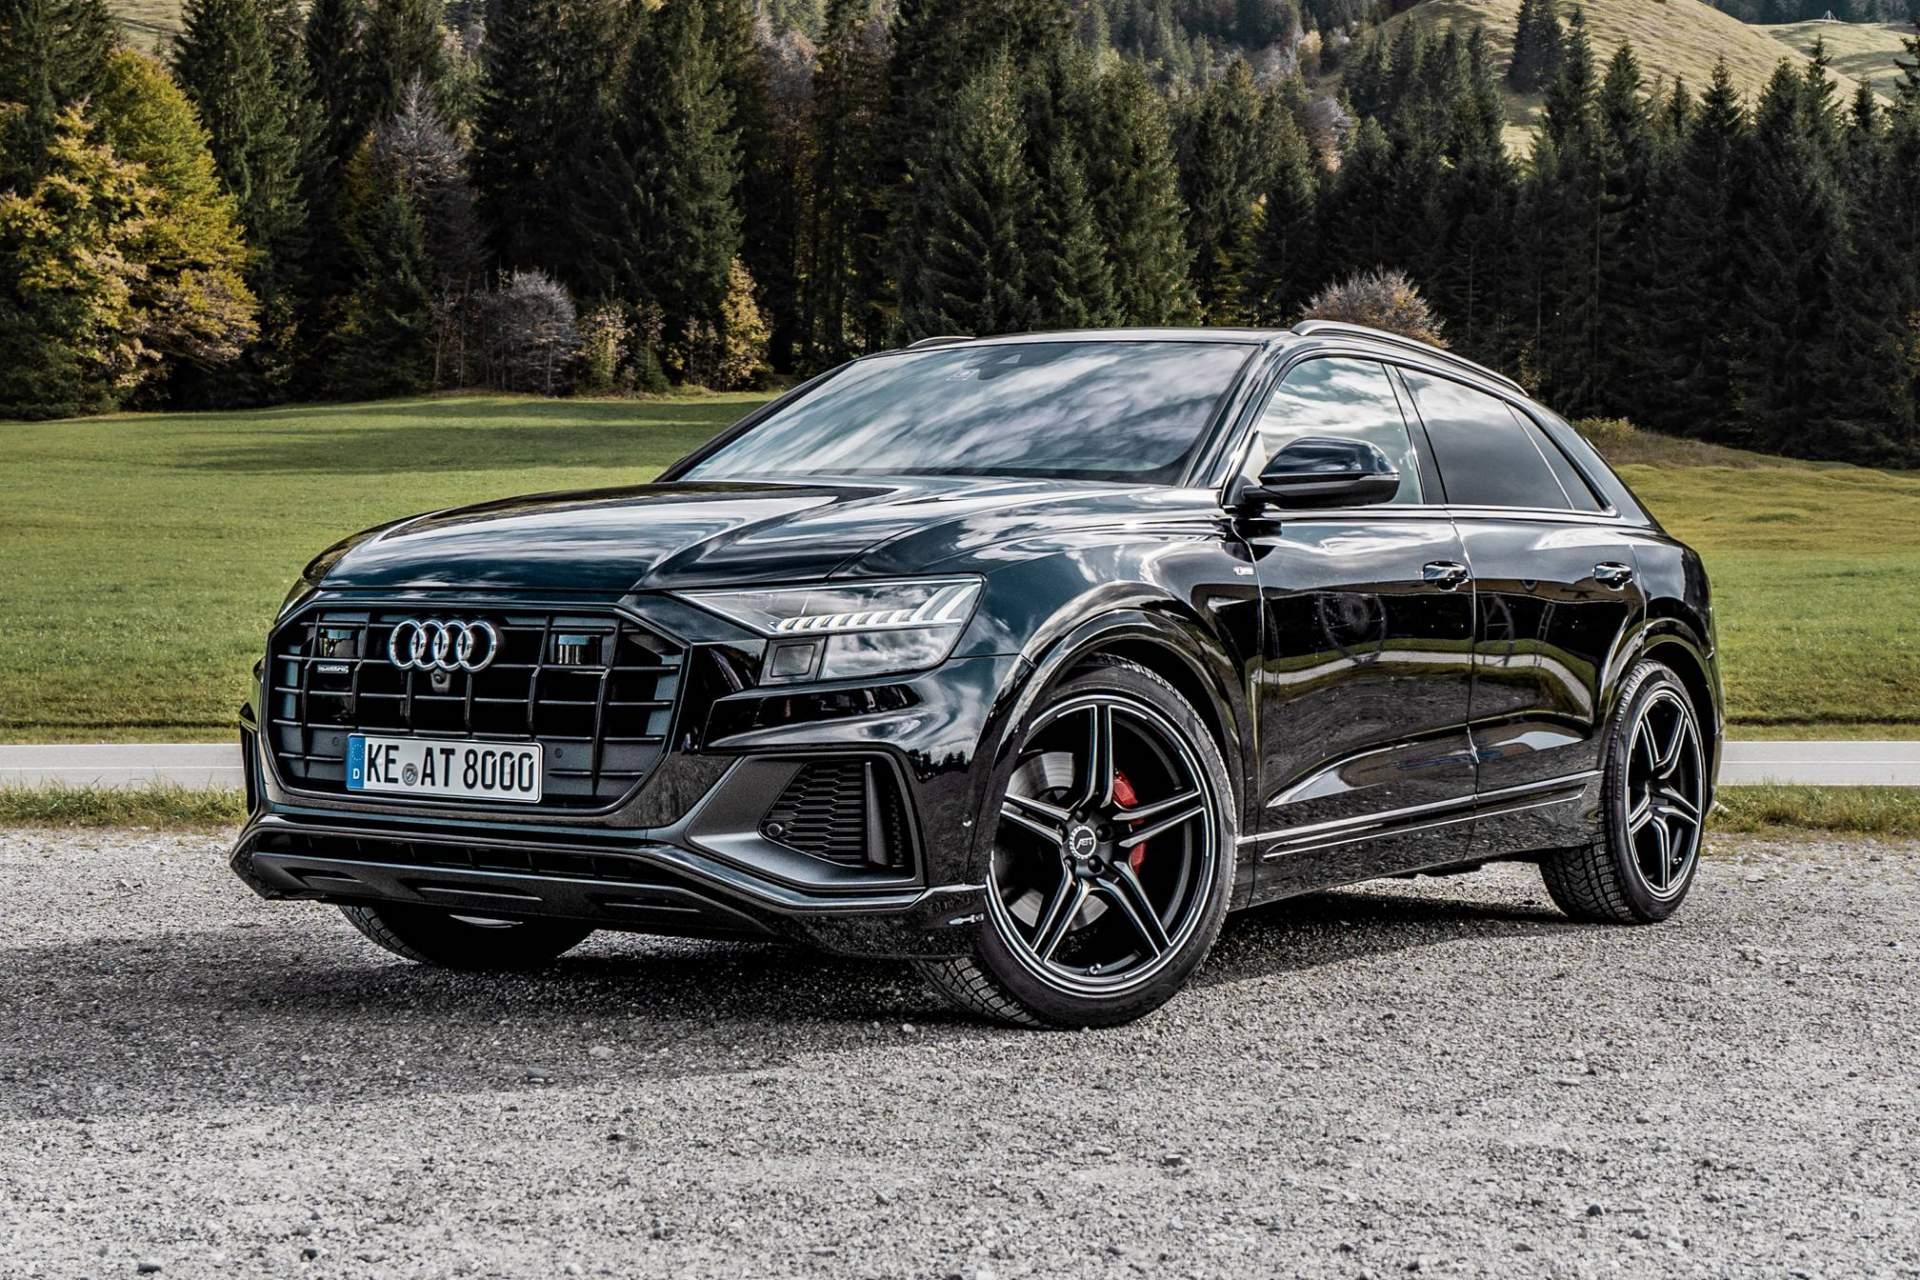 Khám phá bản độ đầu tiên dành cho SUV cao cấp Audi Q8